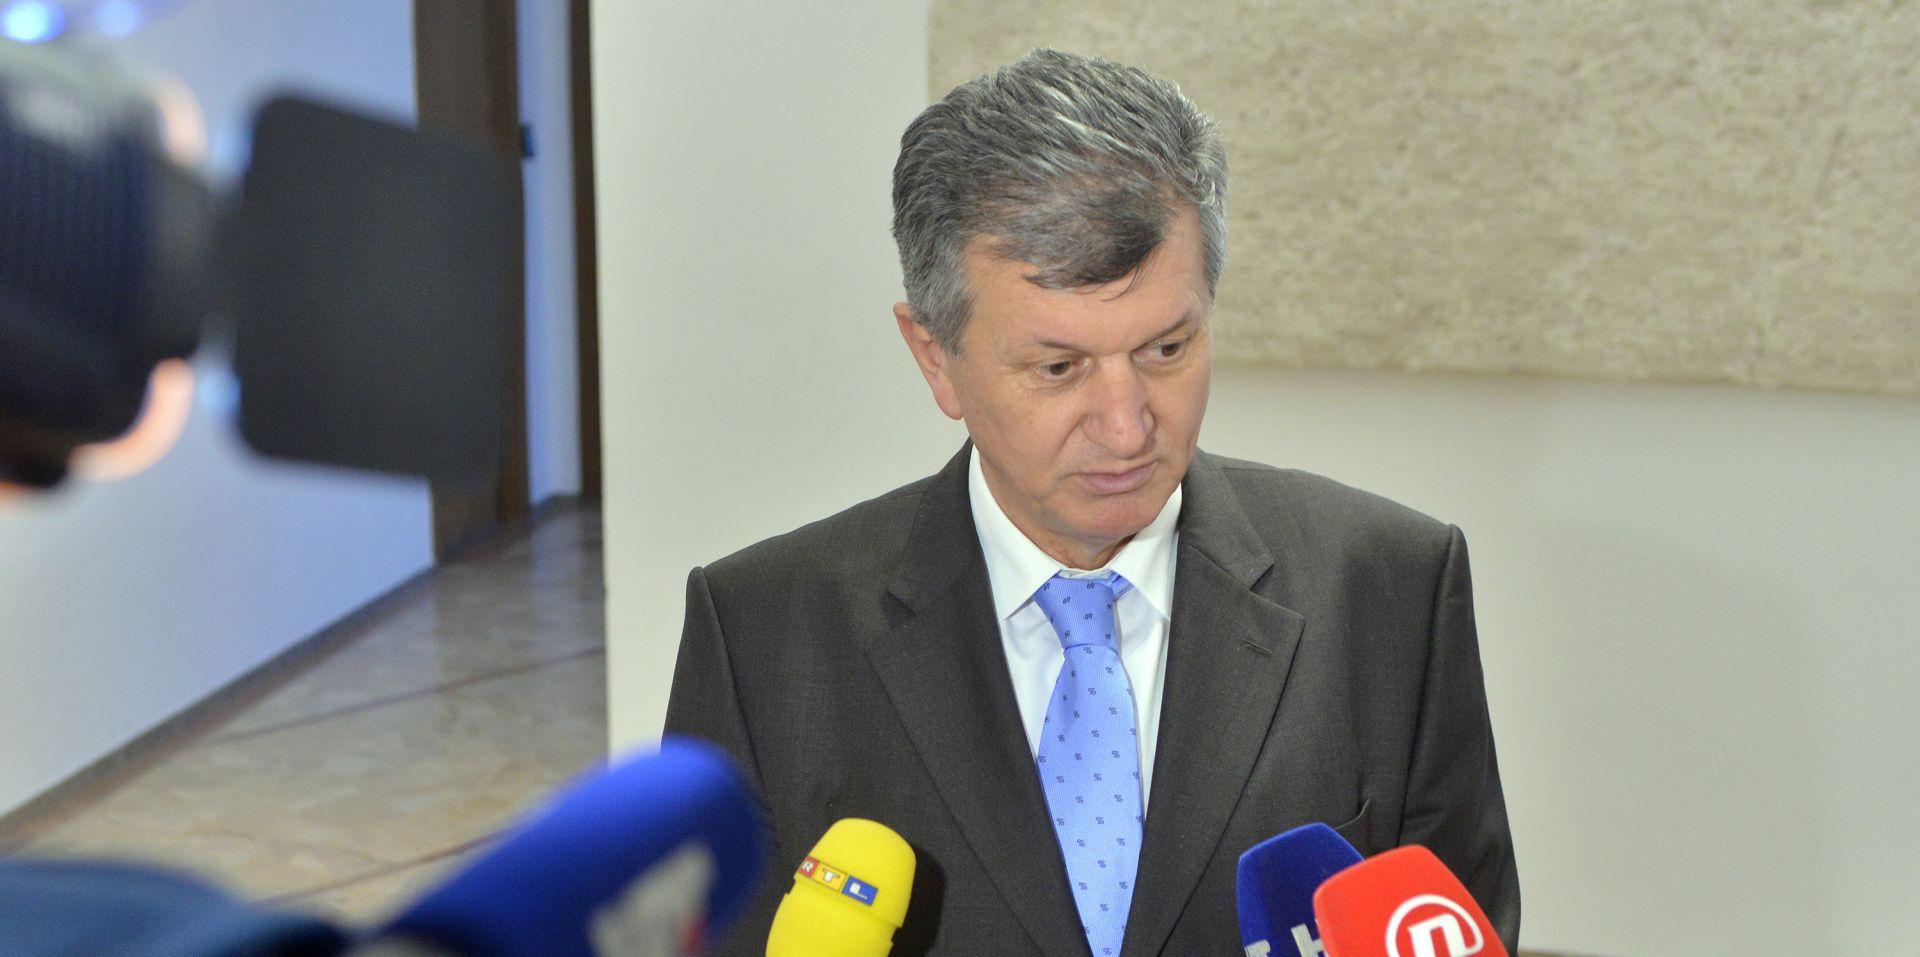 ISTRAŽIVANJE Gotovo 70 posto za ostavku ministra Kujundžića